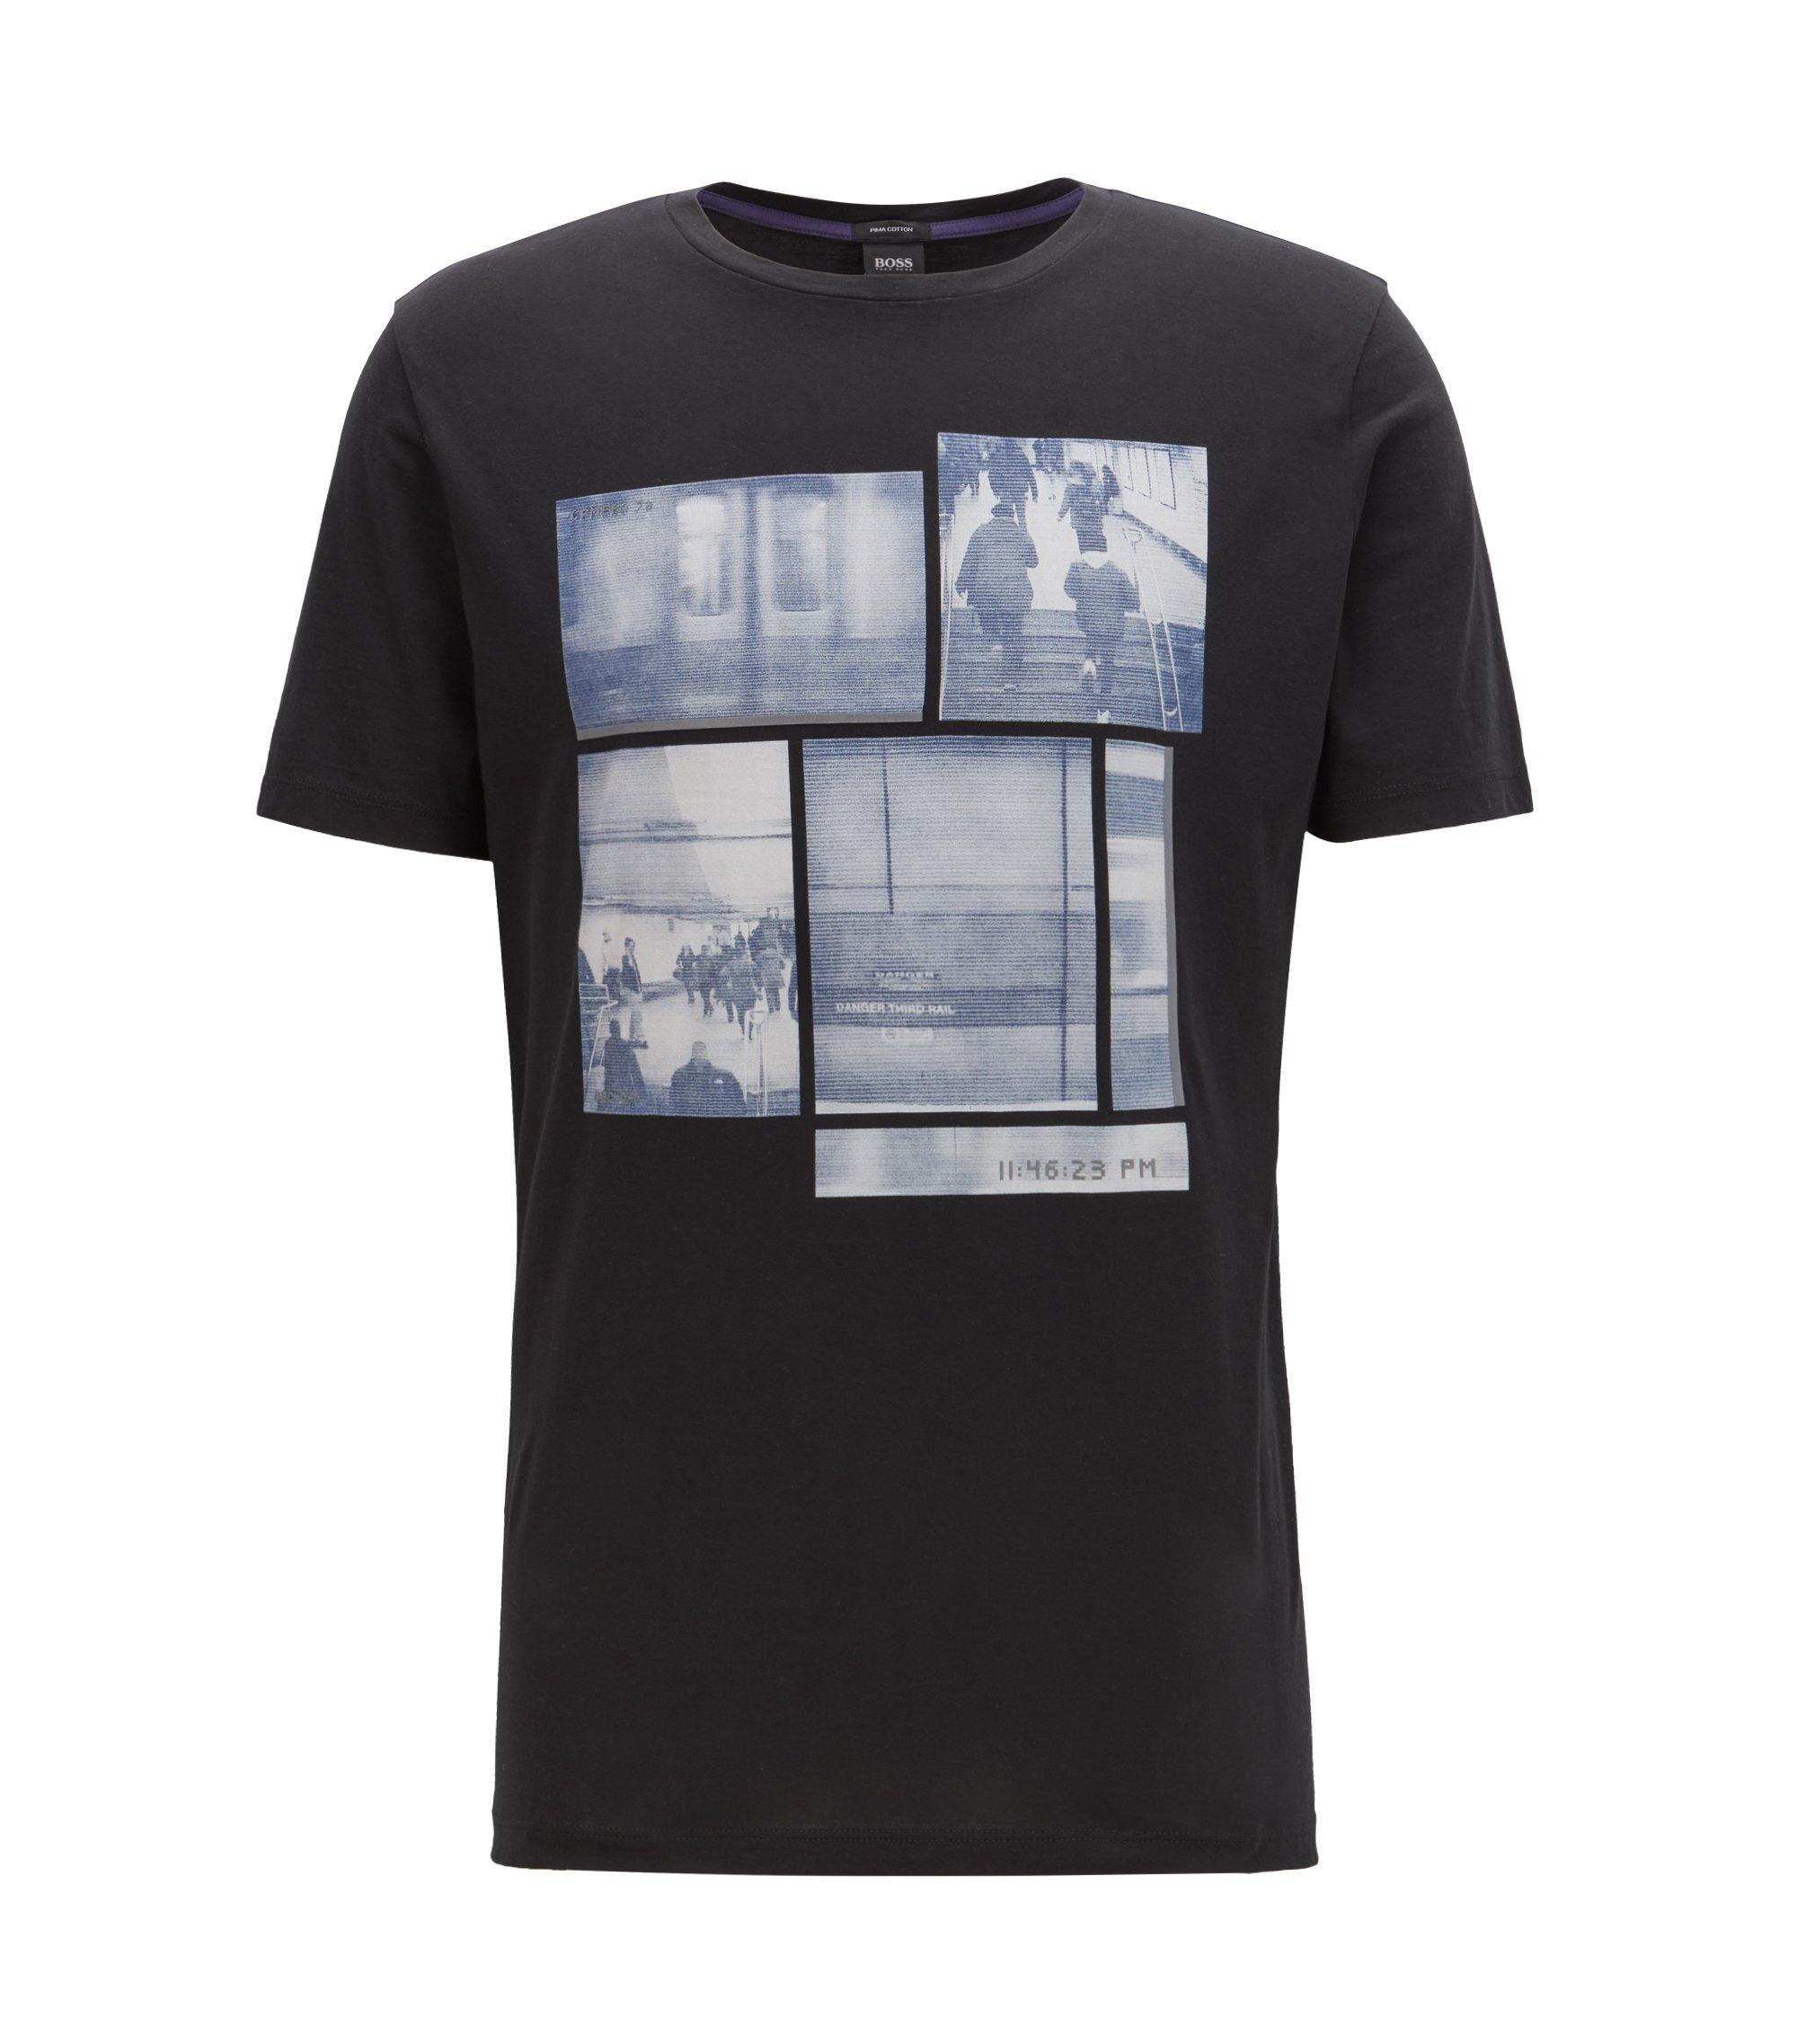 T-Shirt aus Pima-Baumwolle mit Foto-Print, Schwarz